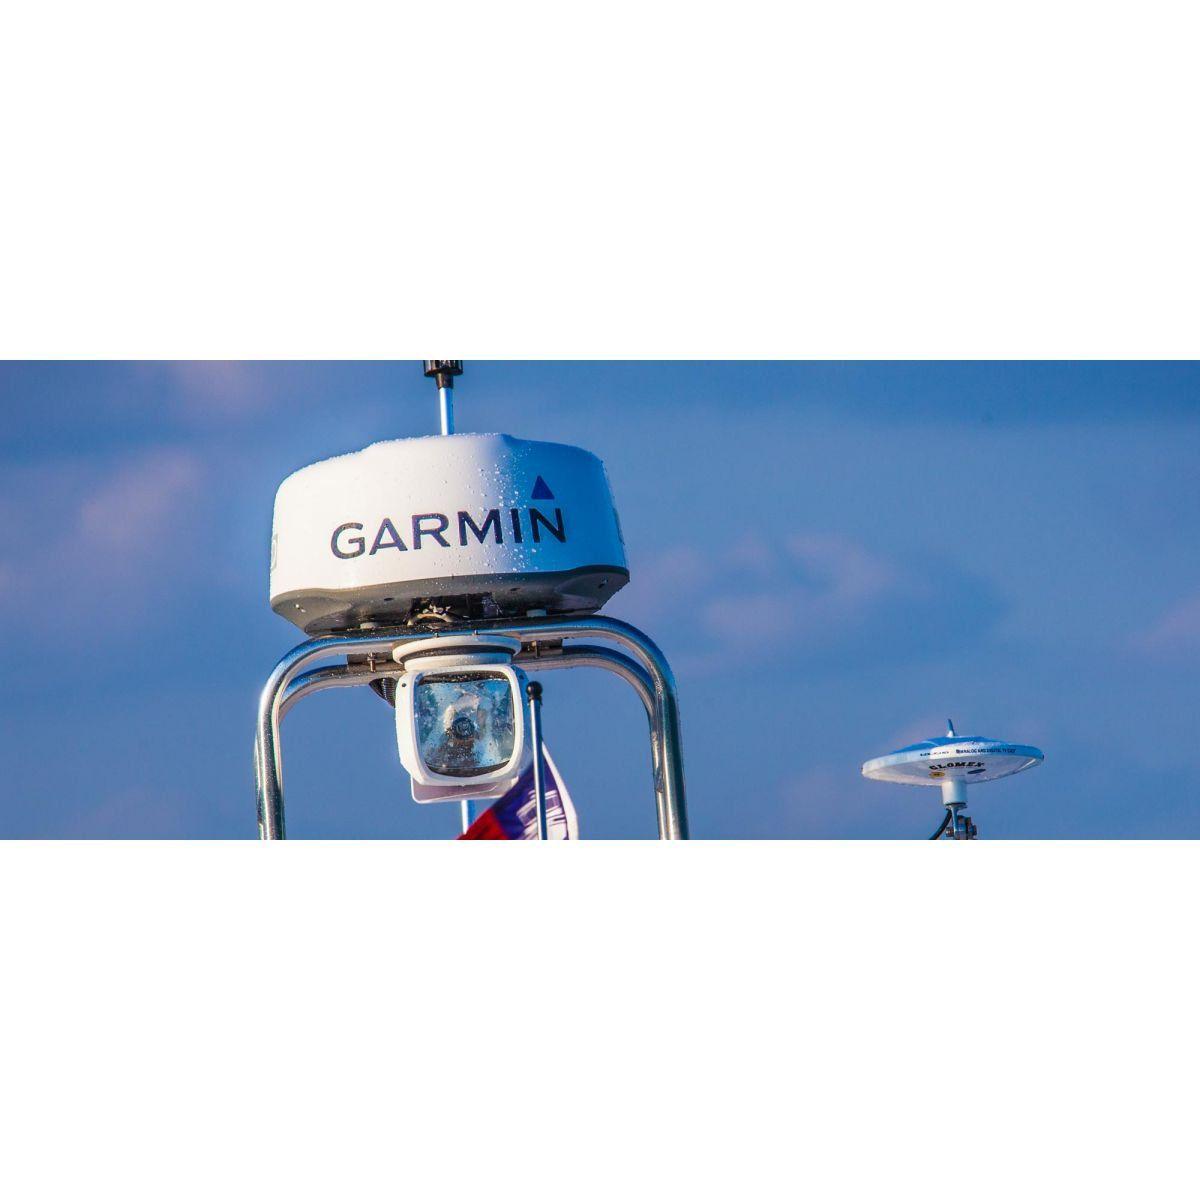 Radar Digital Gmr 18 Hd - Alta Definicação - 4kw - Garmin